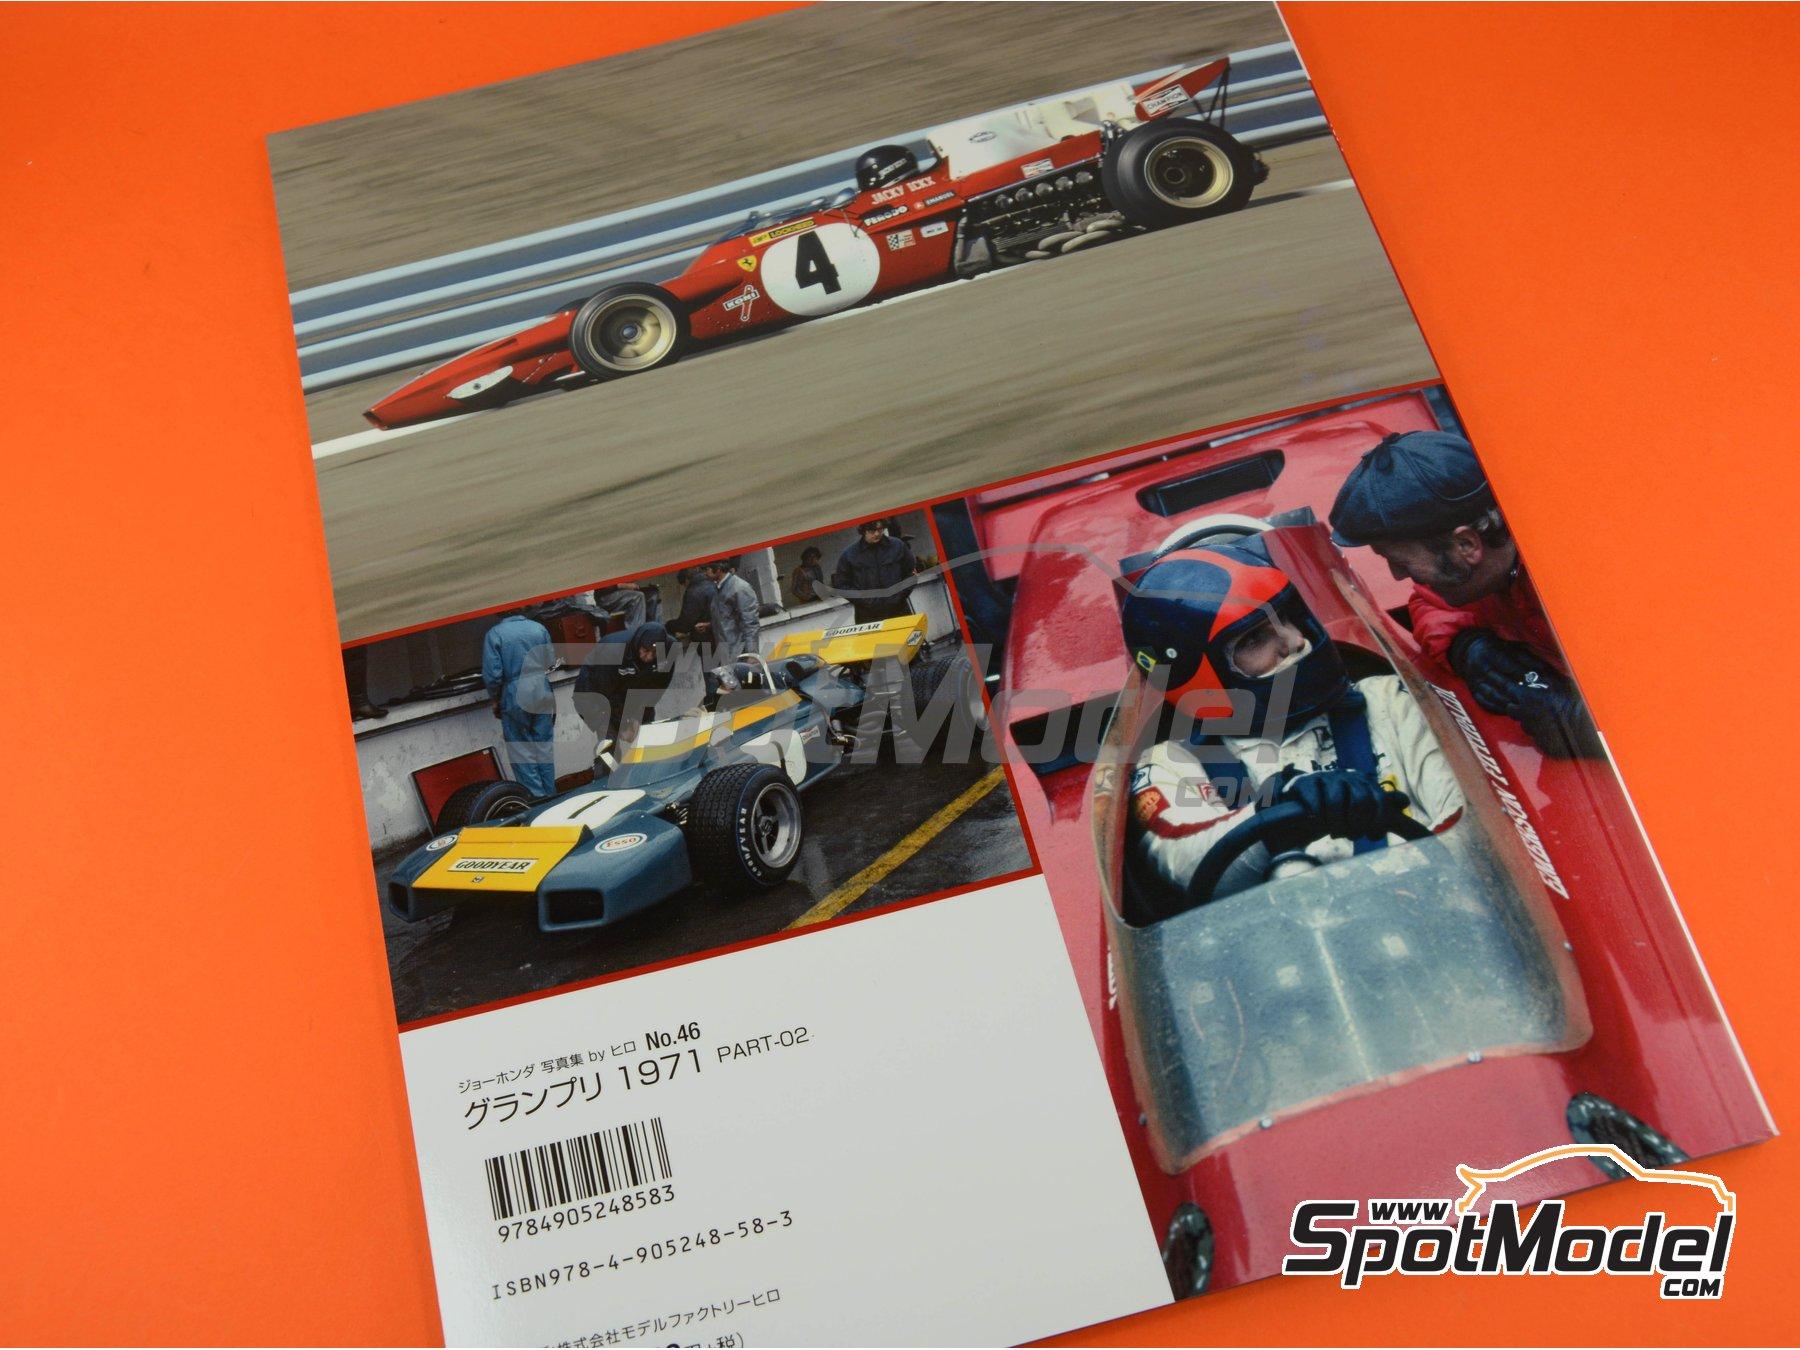 Image 6: Joe Honda Racing Pictorial Series: Grand Prix, parte 2 -  1971 | Libro de referencia fabricado por Model Factory Hiro (ref.MFH-JH46)